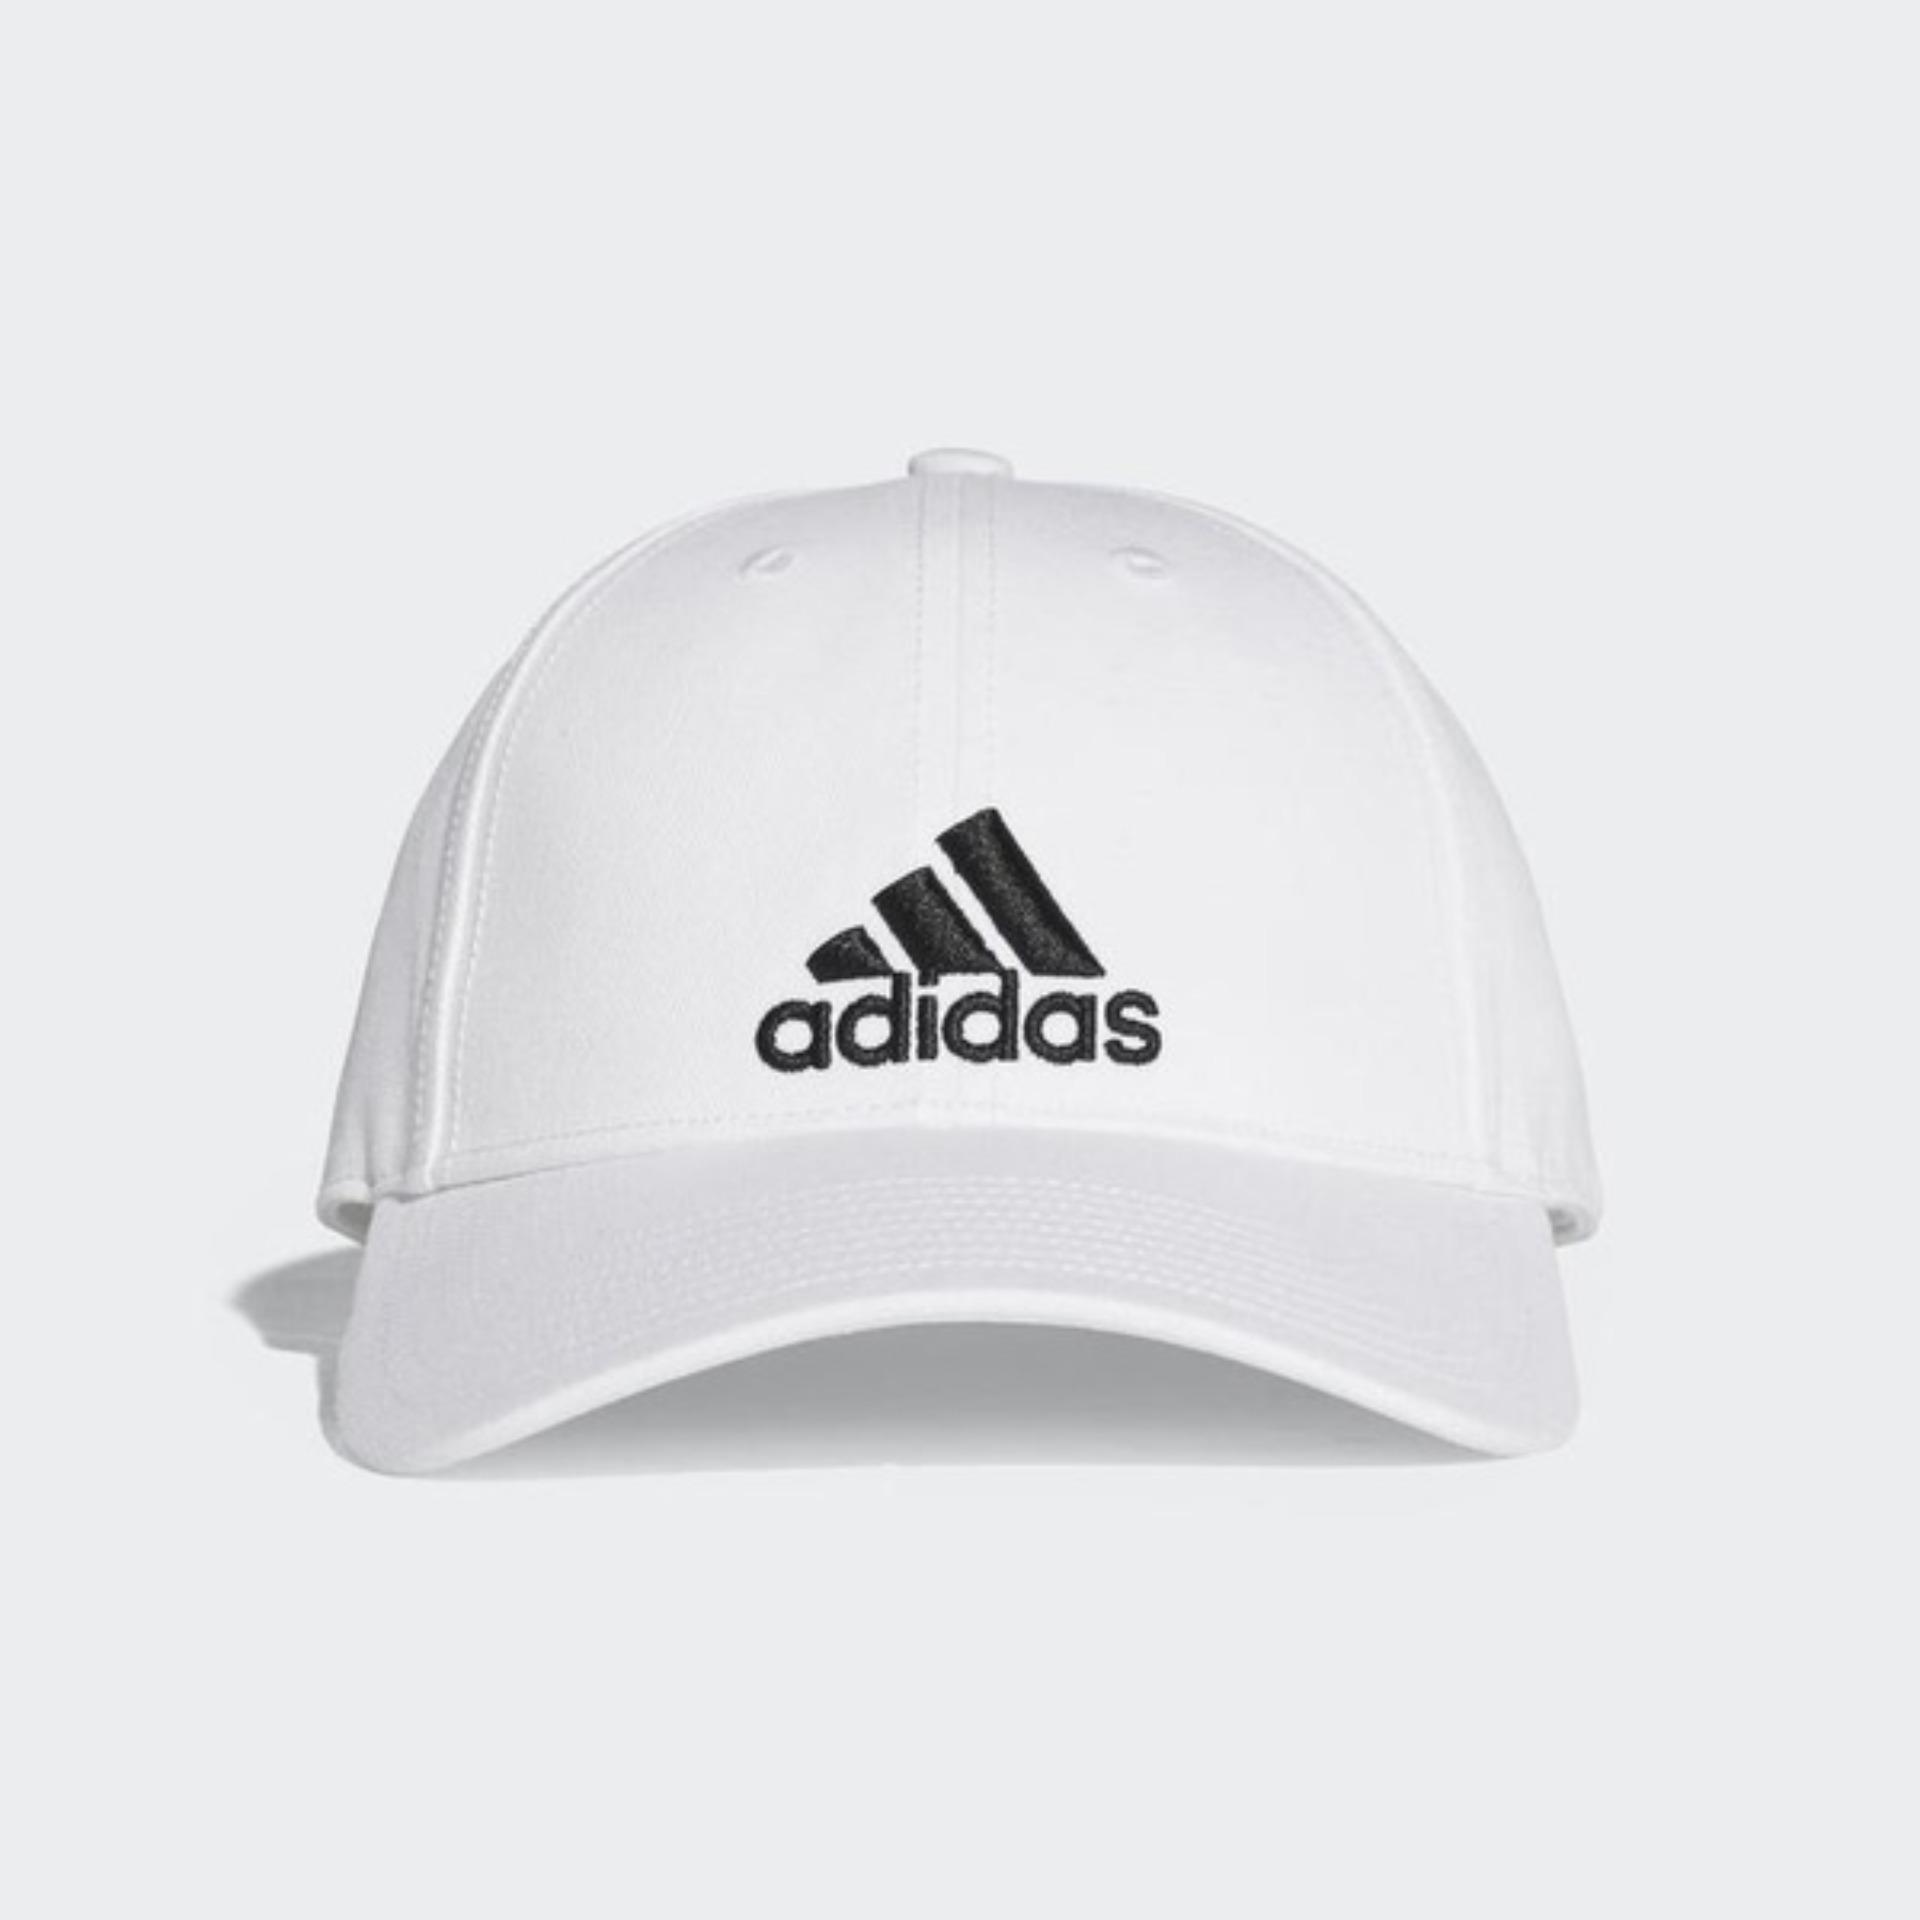 5a7079ff Buy Latest Adidas Products | Fashion | Lazada.sg